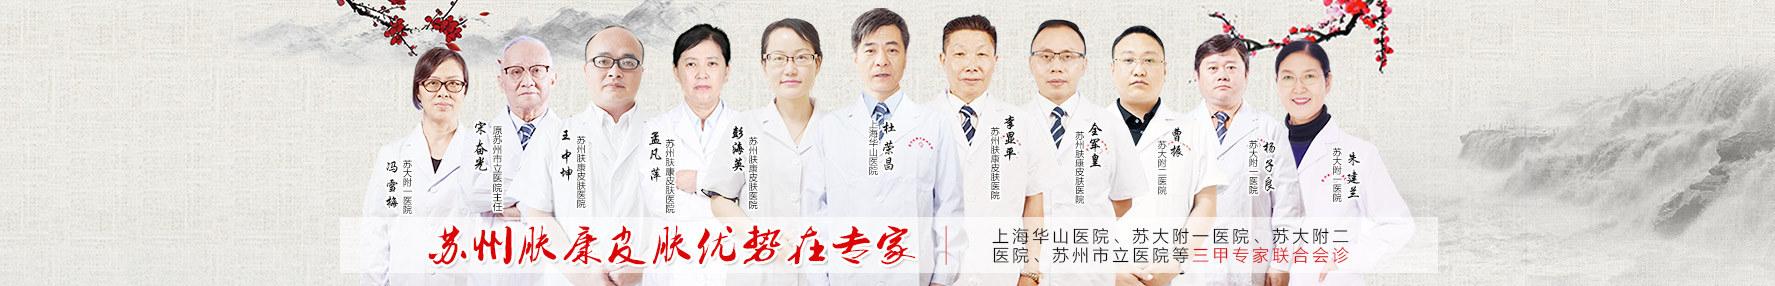 苏州皮肤病医院